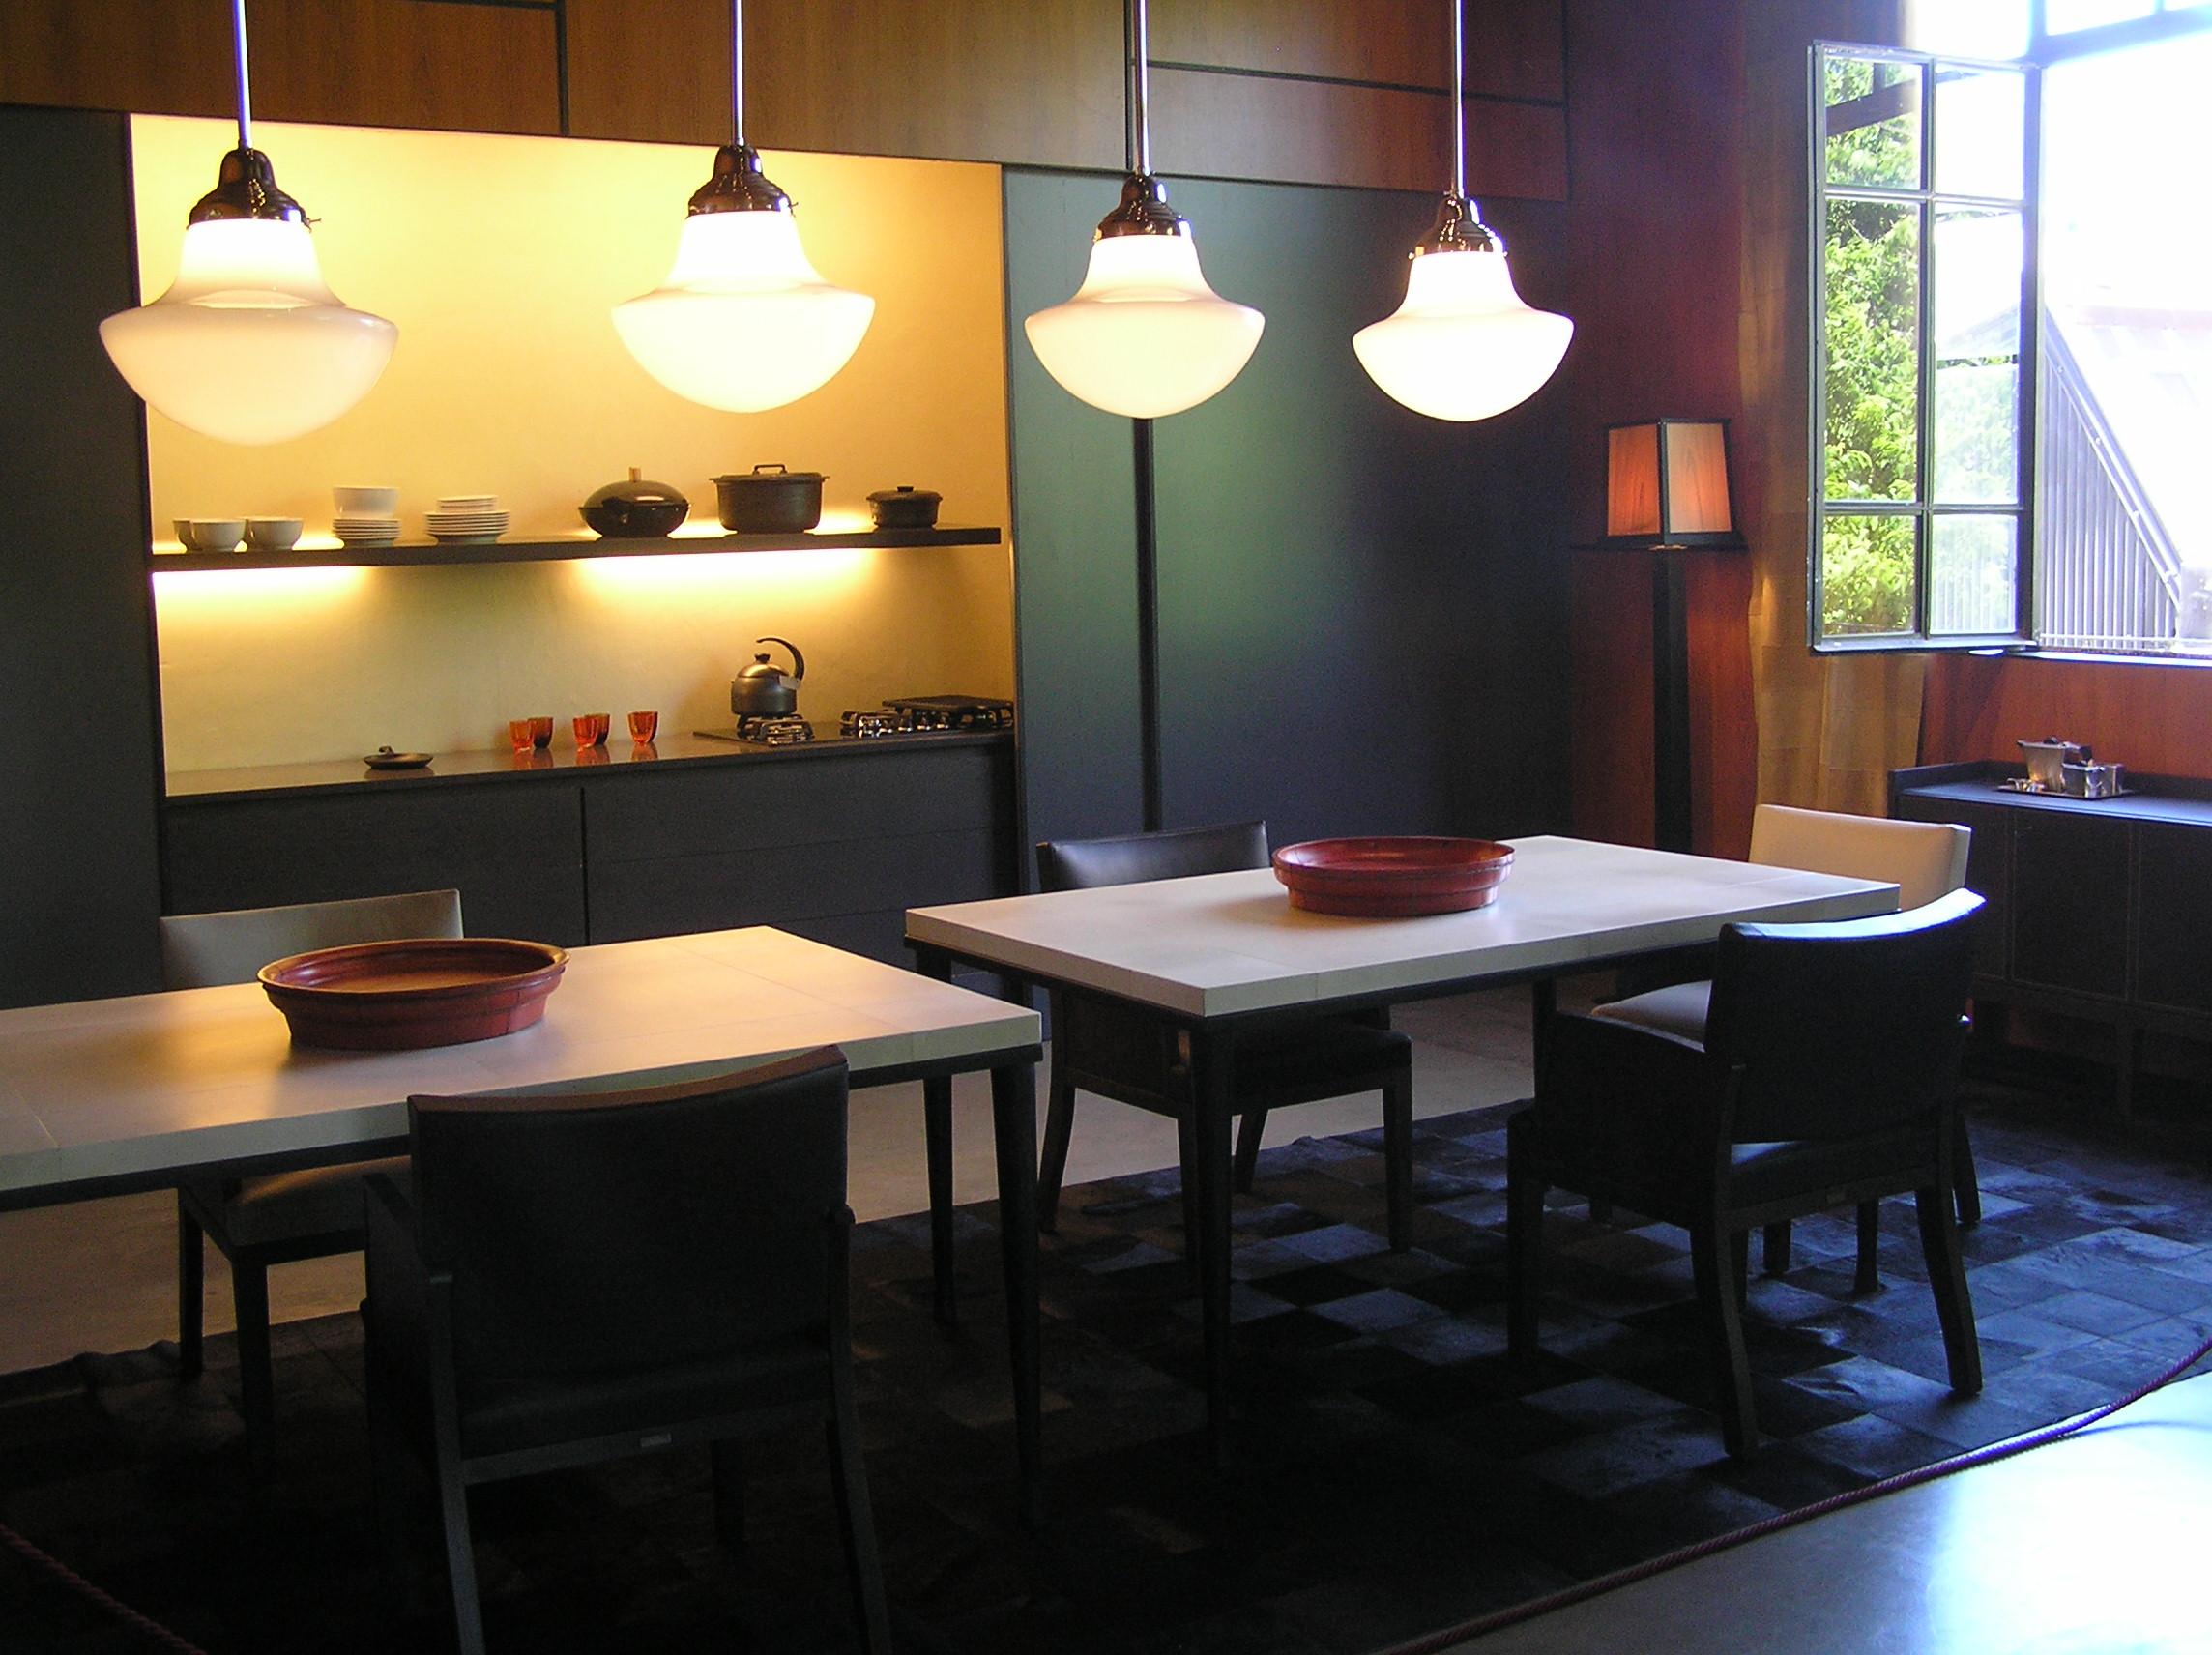 Программа для проектирования интерьера кухни